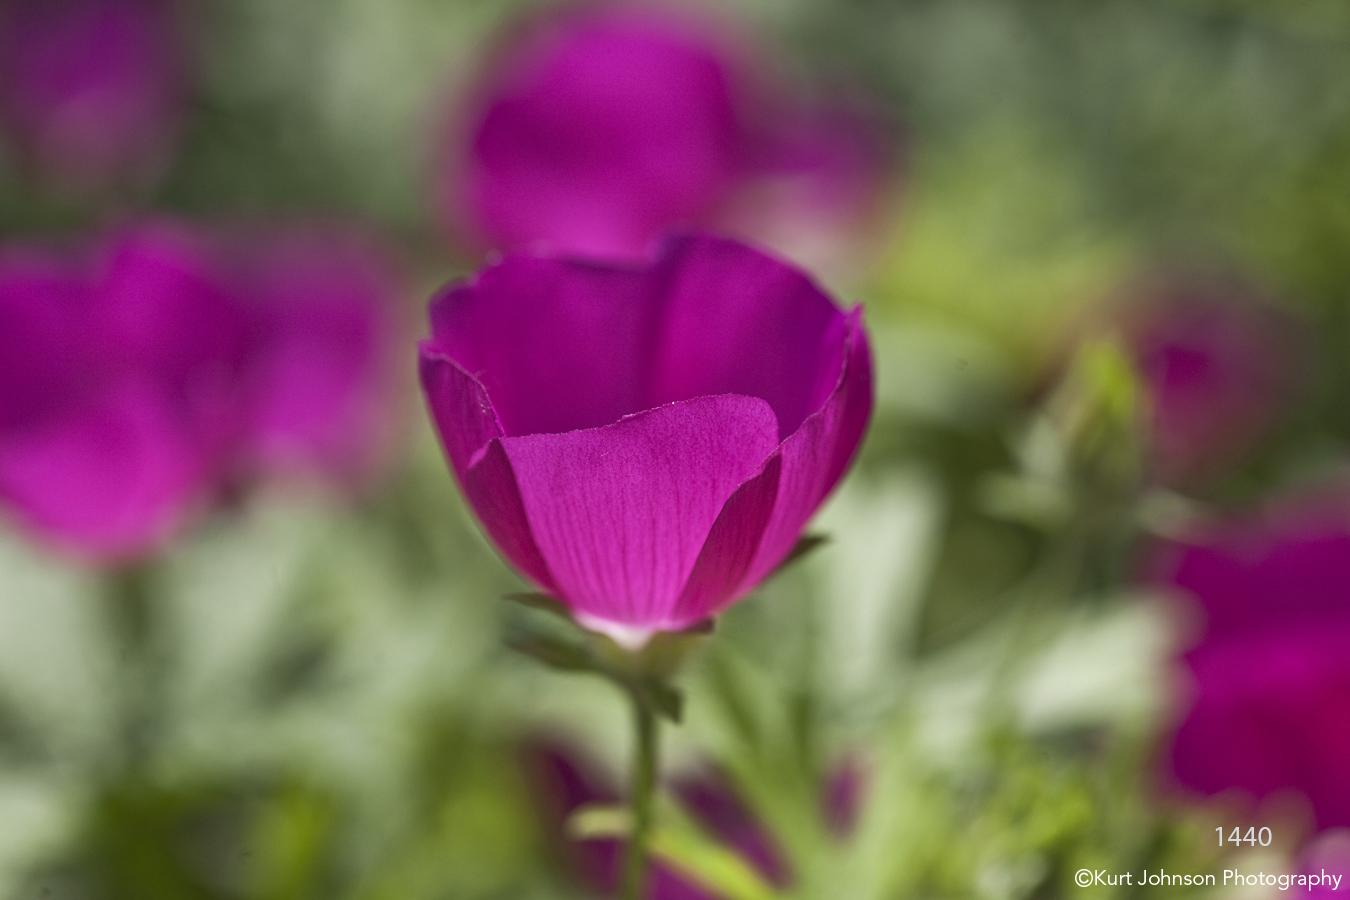 flower purple green blooming